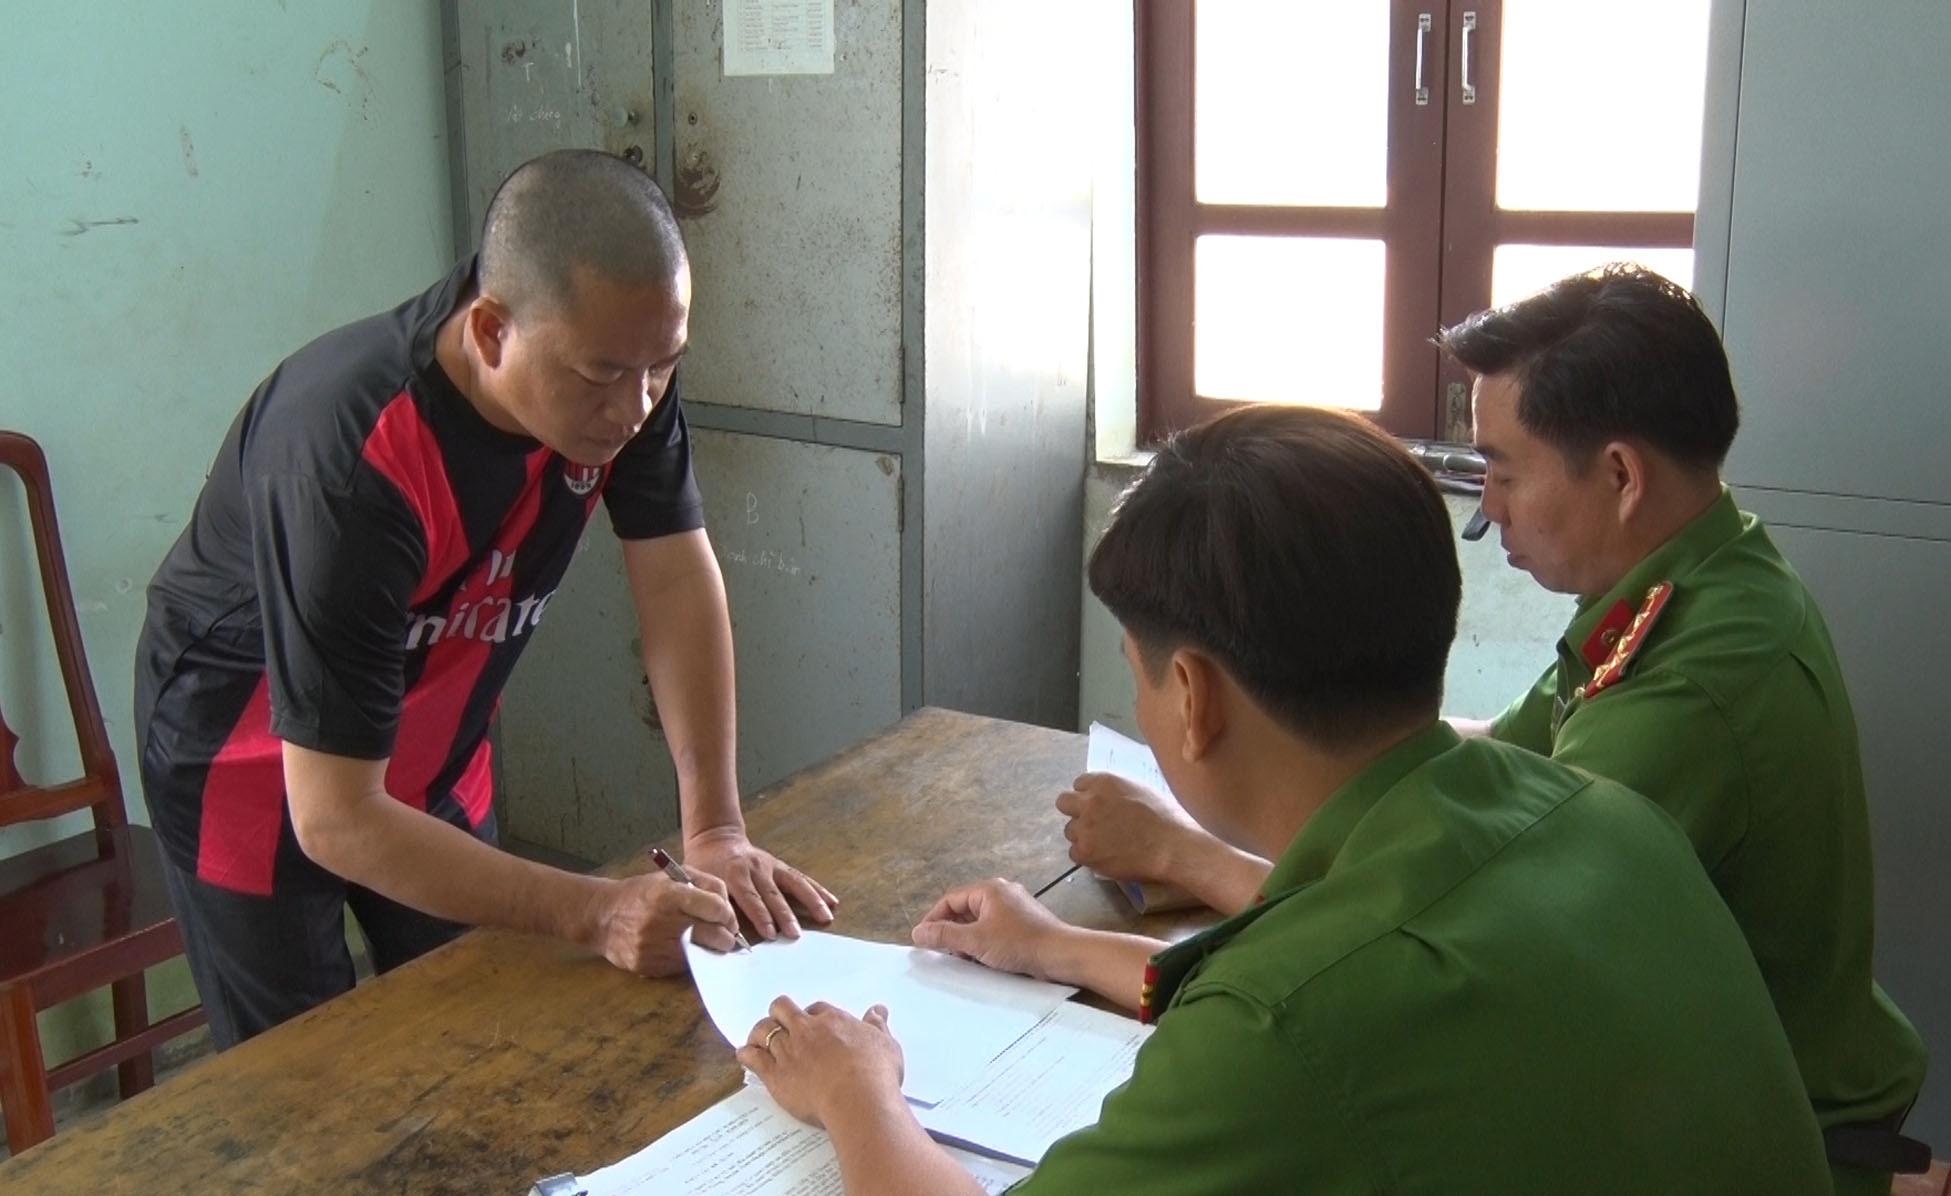 Teacher arrested for having sex with schoolgirl in Vietnam's Mekong Delta